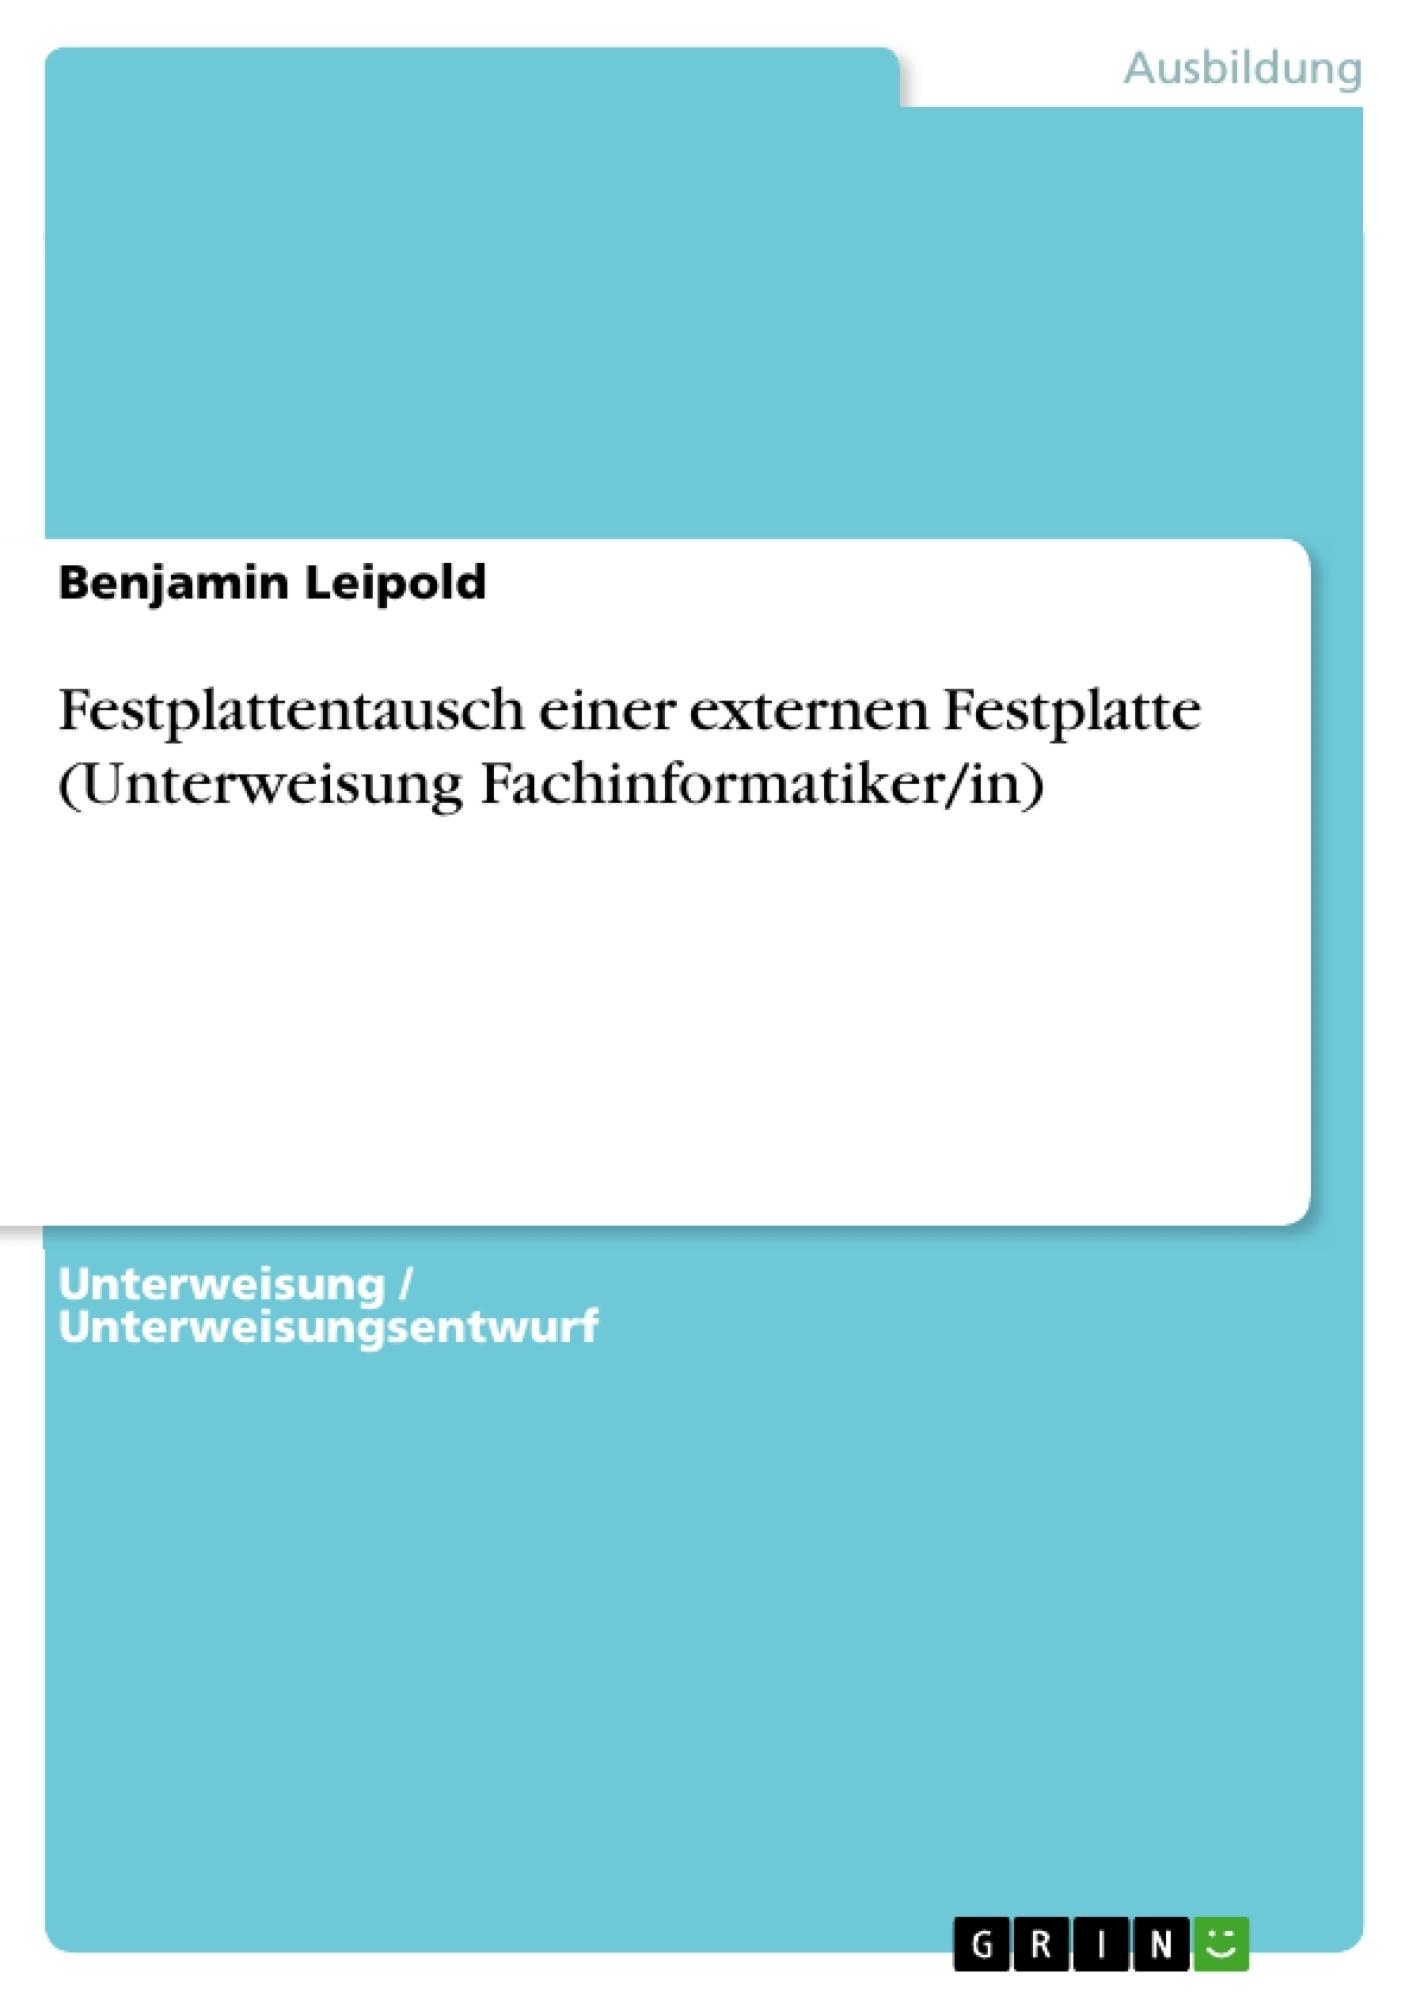 Titel: Festplattentausch einer externen Festplatte (Unterweisung Fachinformatiker/in)